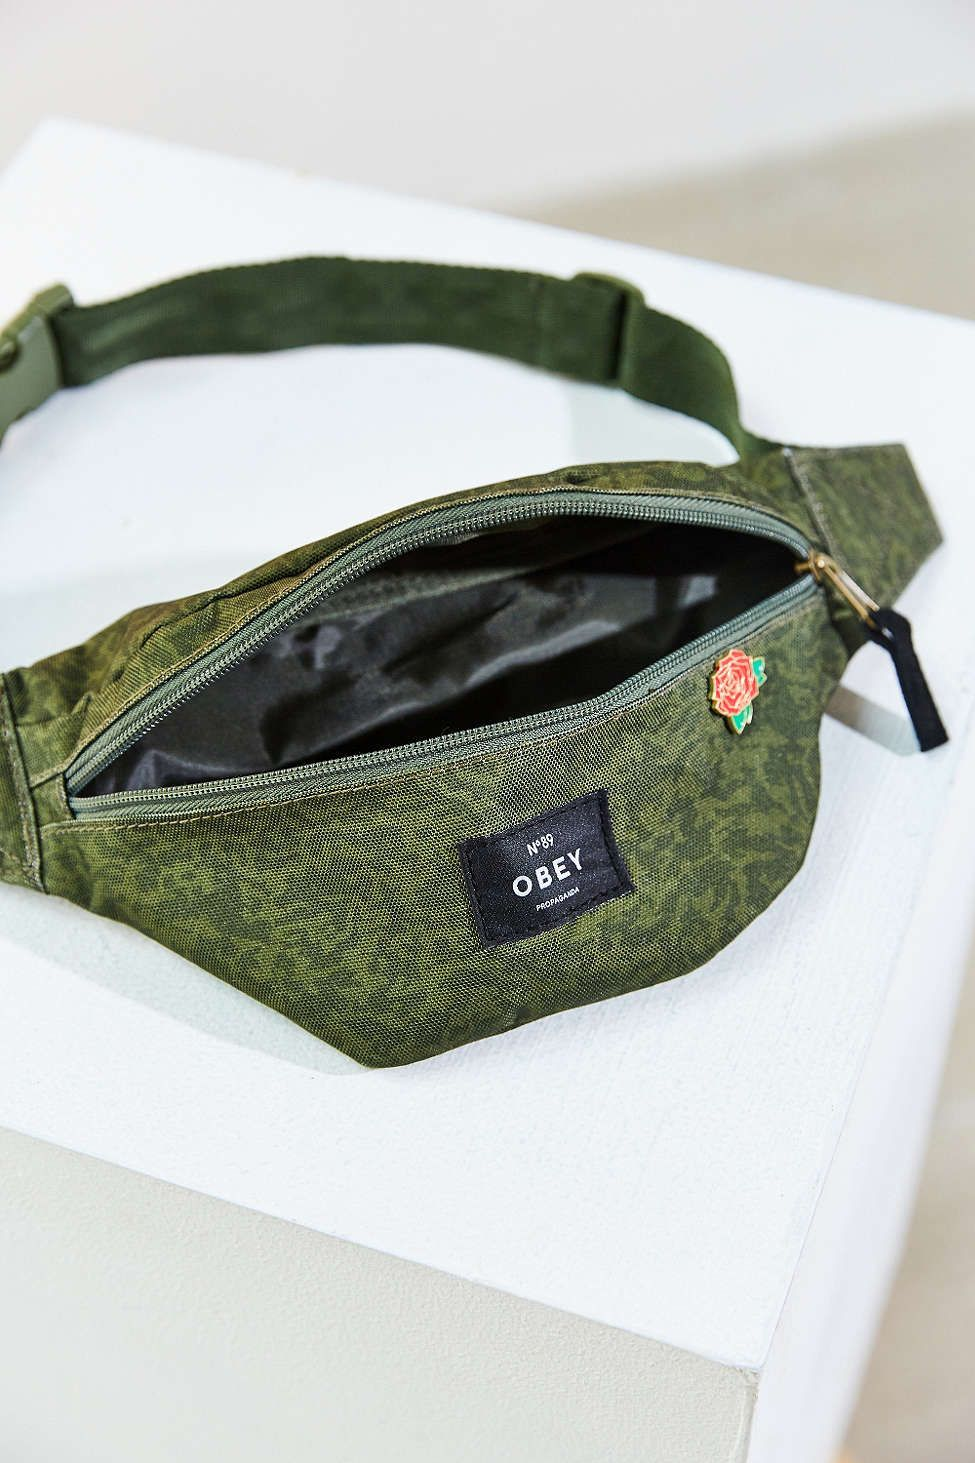 Obey Javor Belt Bag